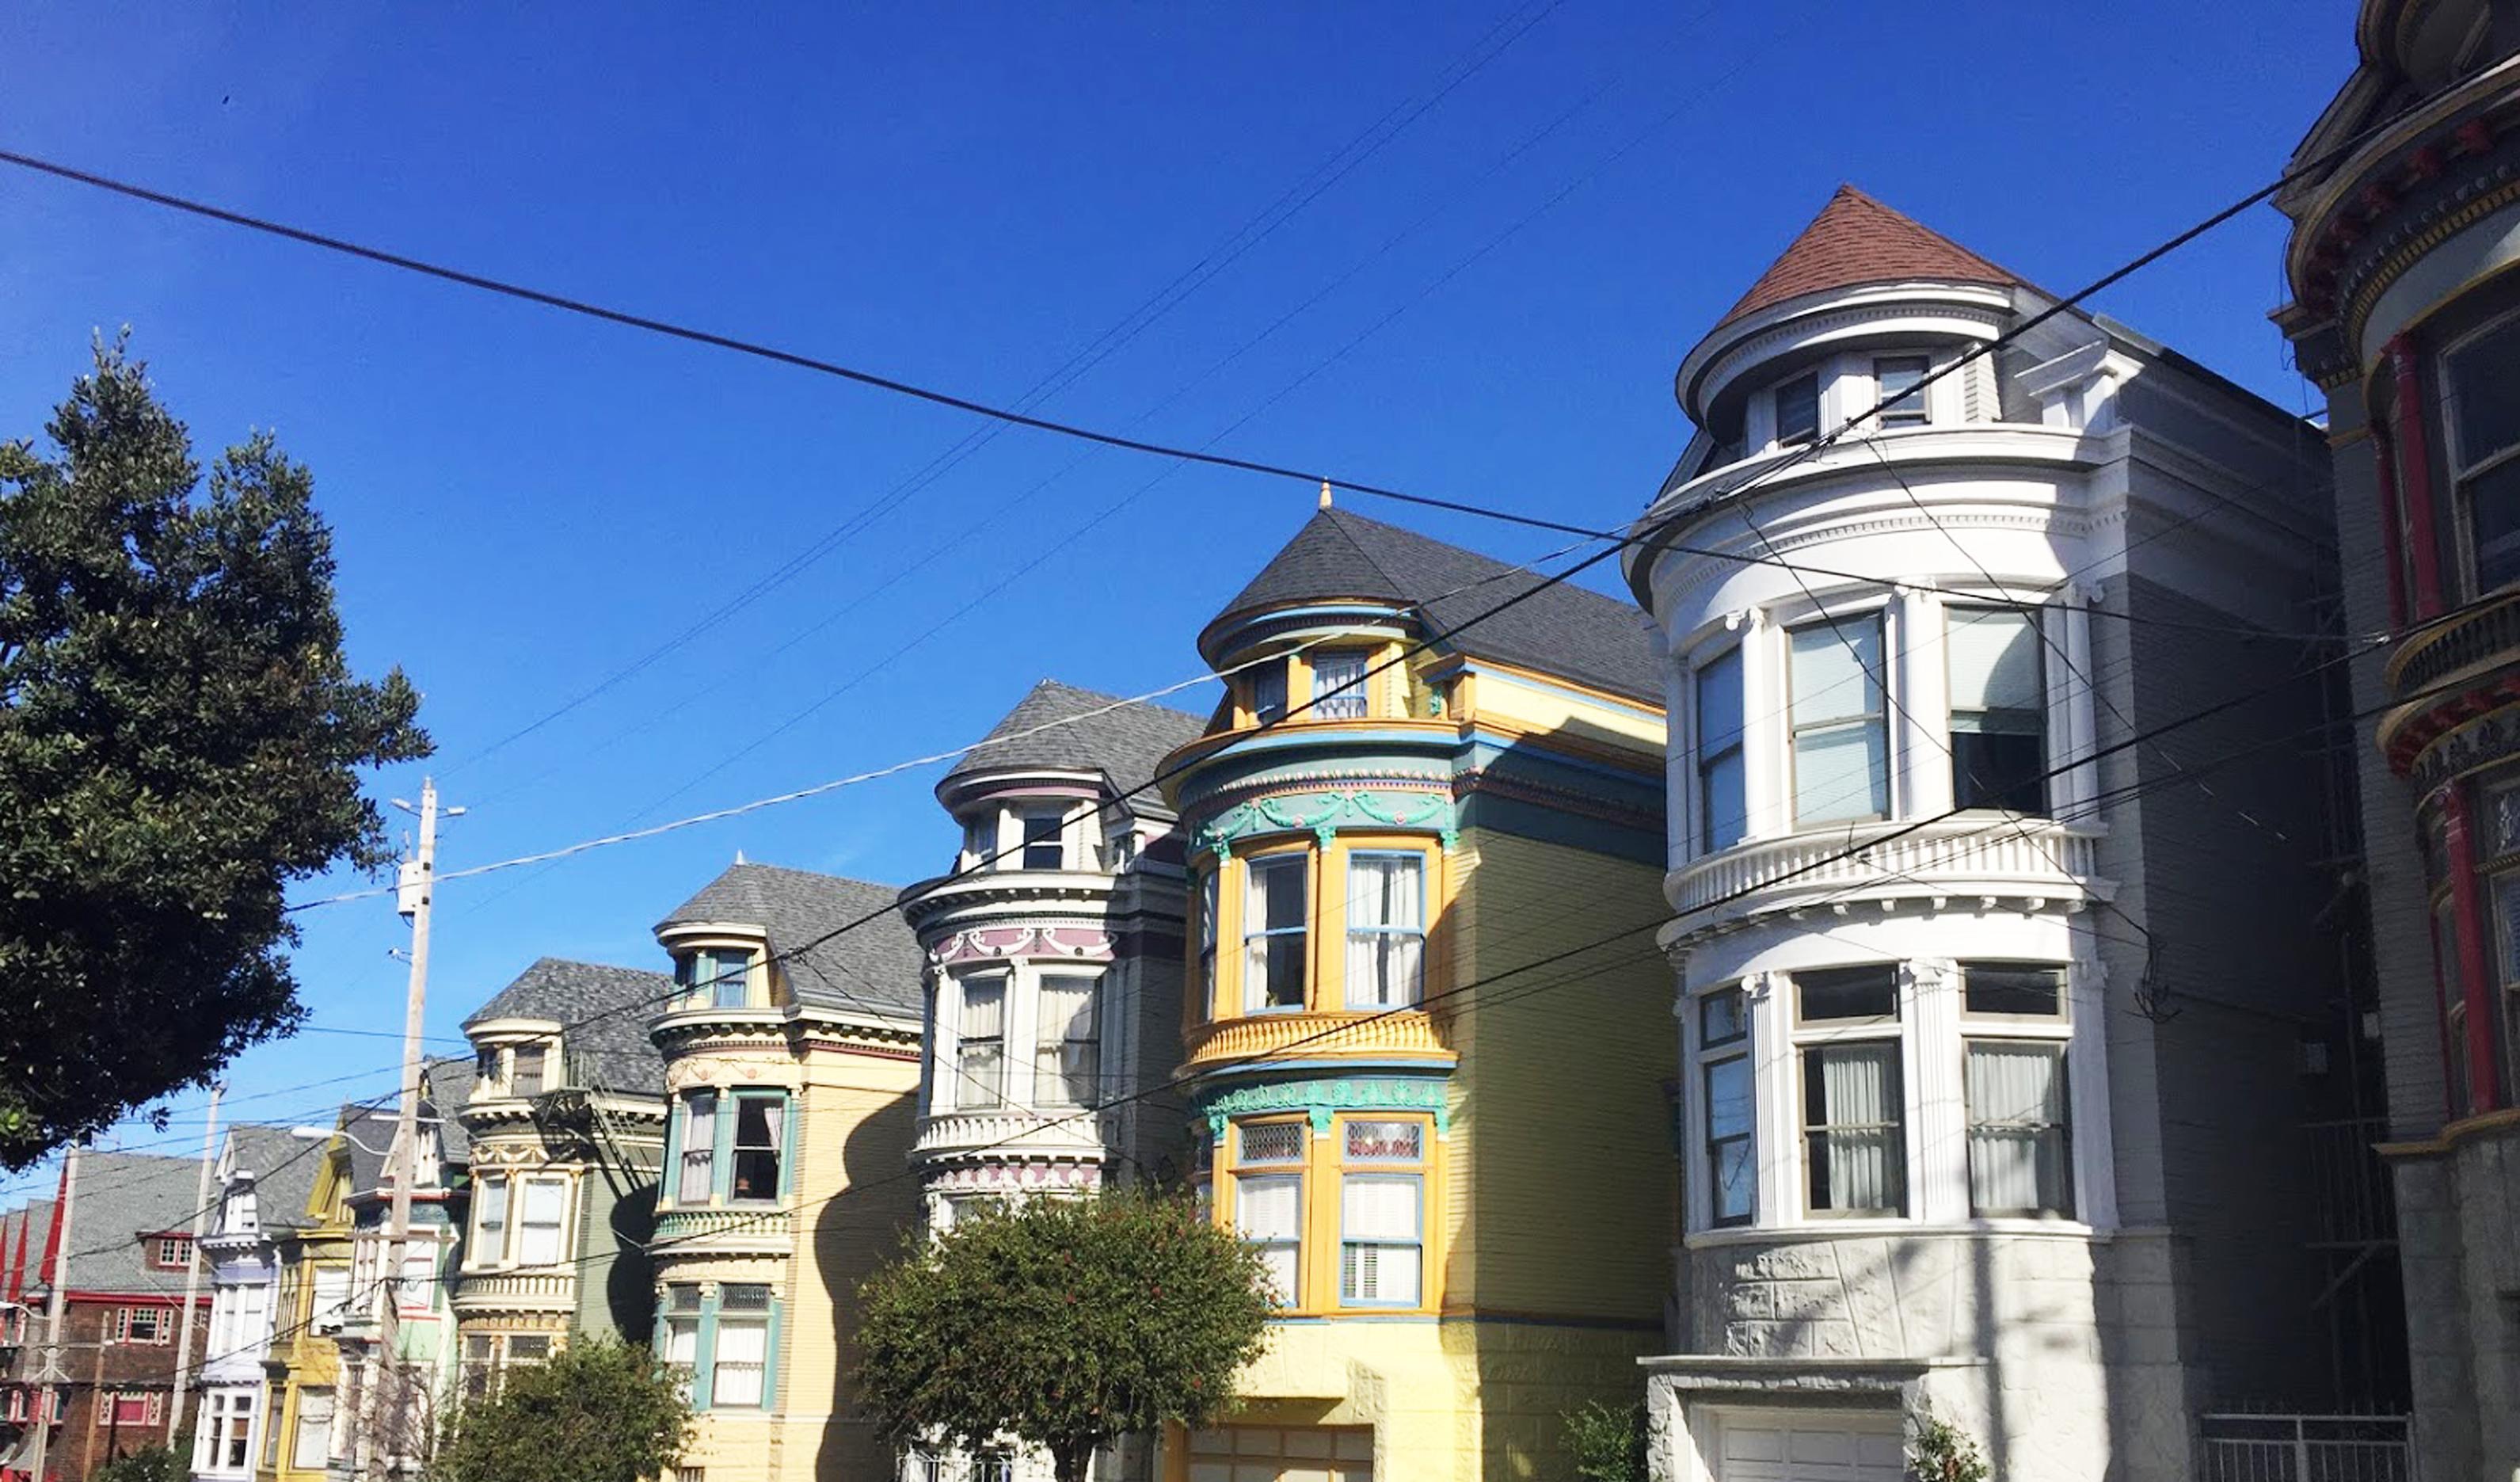 Les maisons de San Francisco